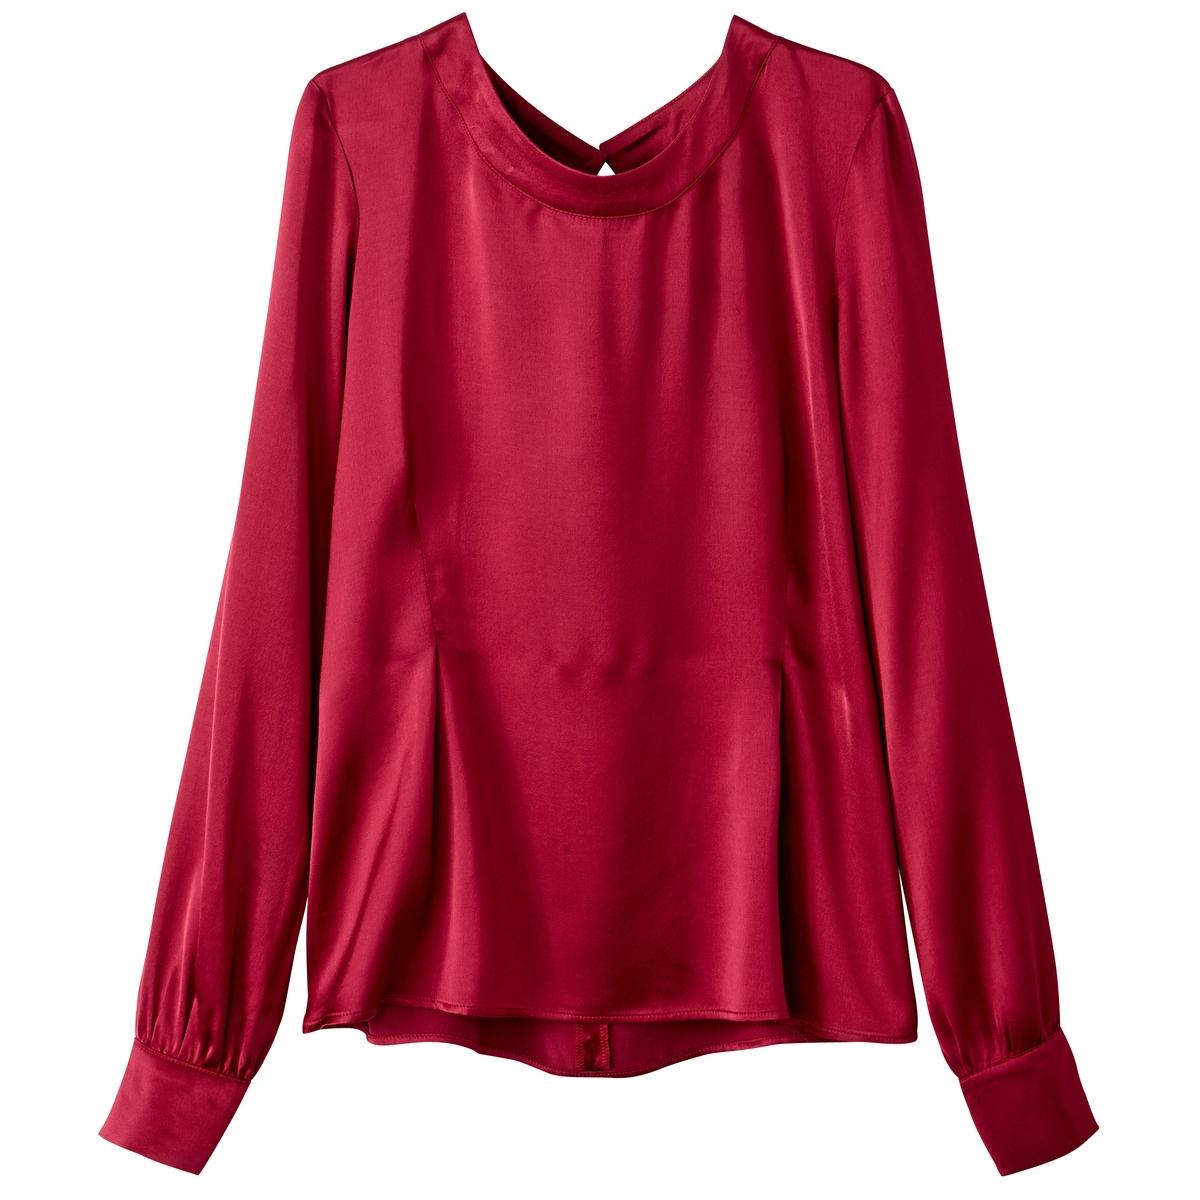 Блузка с круглым вырезом и рукавами с напуском, с шелковым эффектом